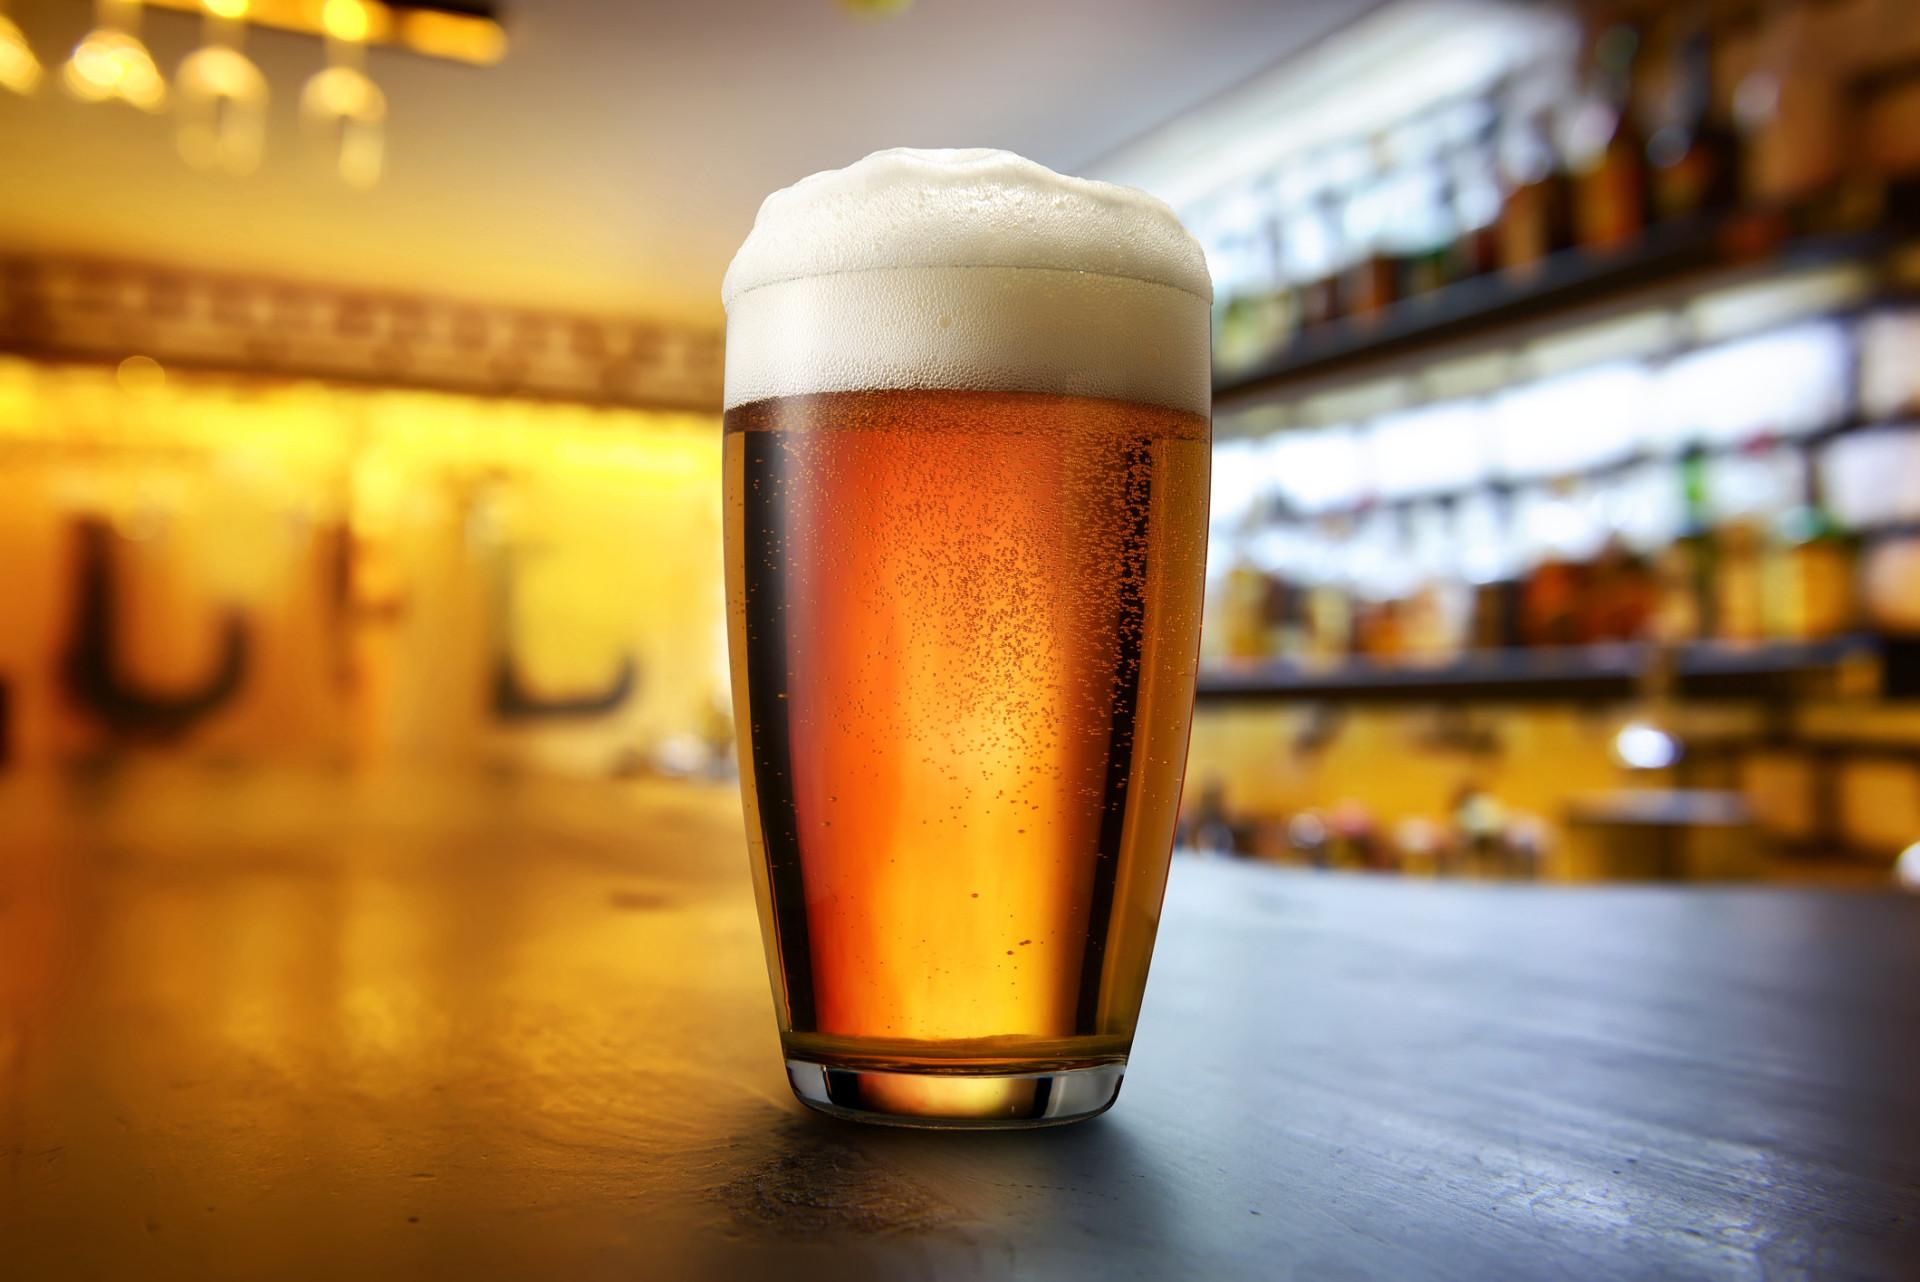 Saiba quanto custa uma caneca de cerveja ao redor do mundo